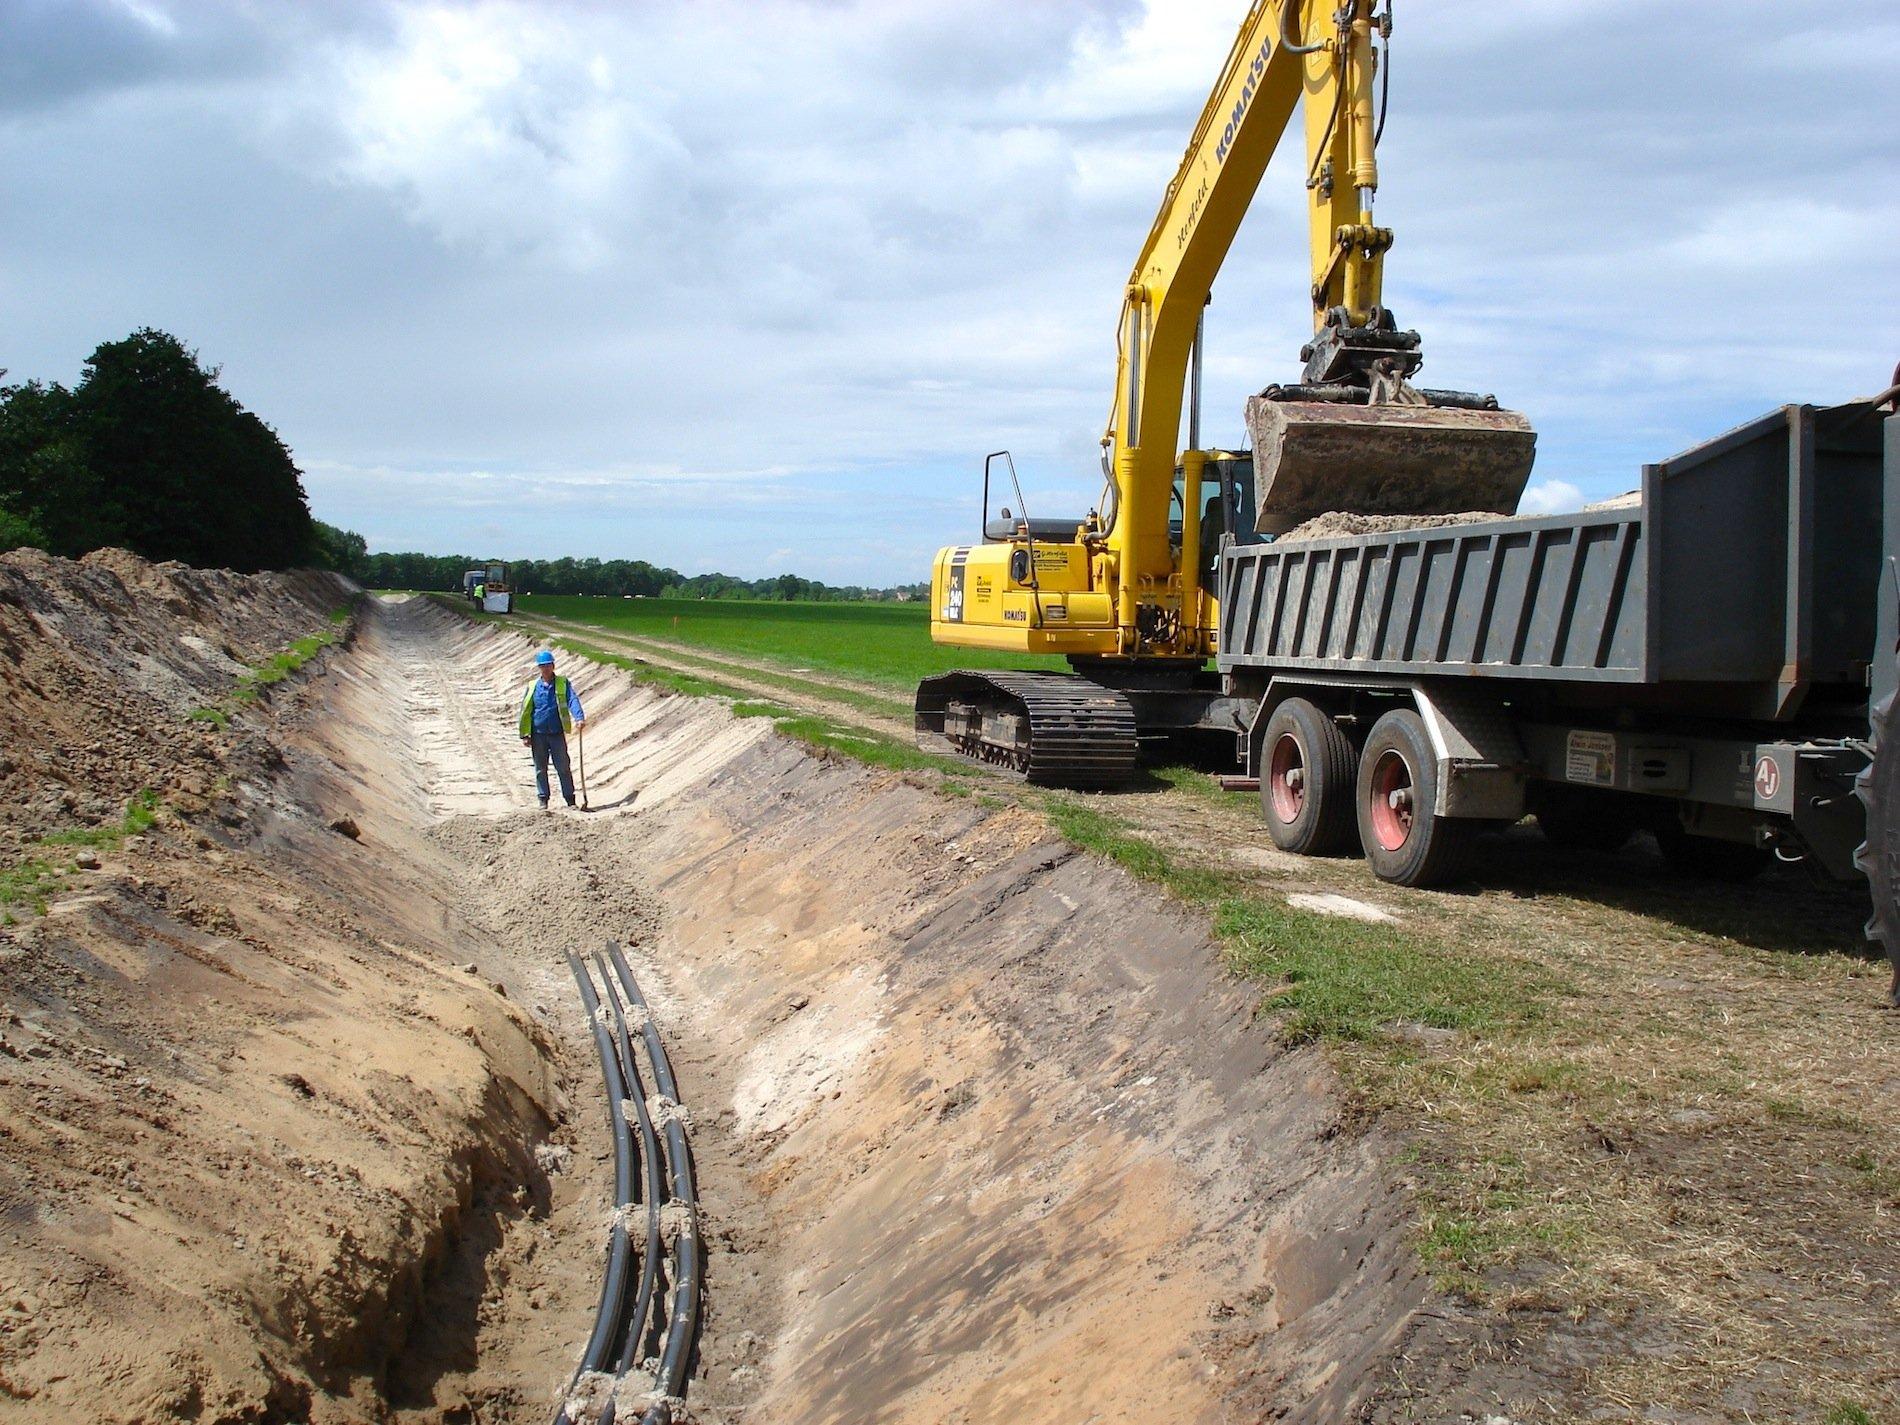 Verlegung eines Erdkabelsbei Emden zur Anbindung des Windparks Borkum 2.